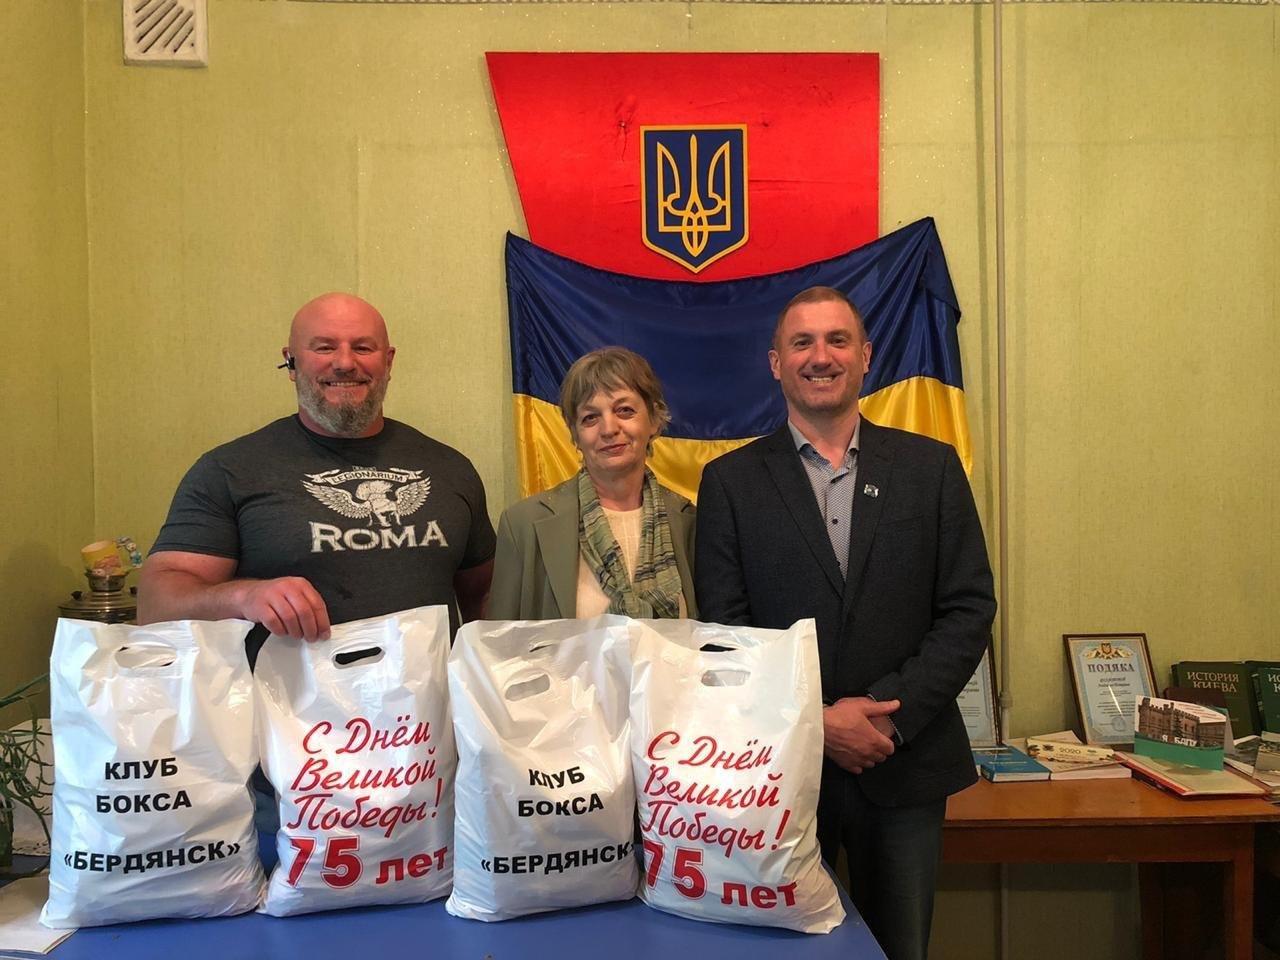 Клуб бокса «Бердянск» передал ветеранам продовольственные пакеты, фото-1